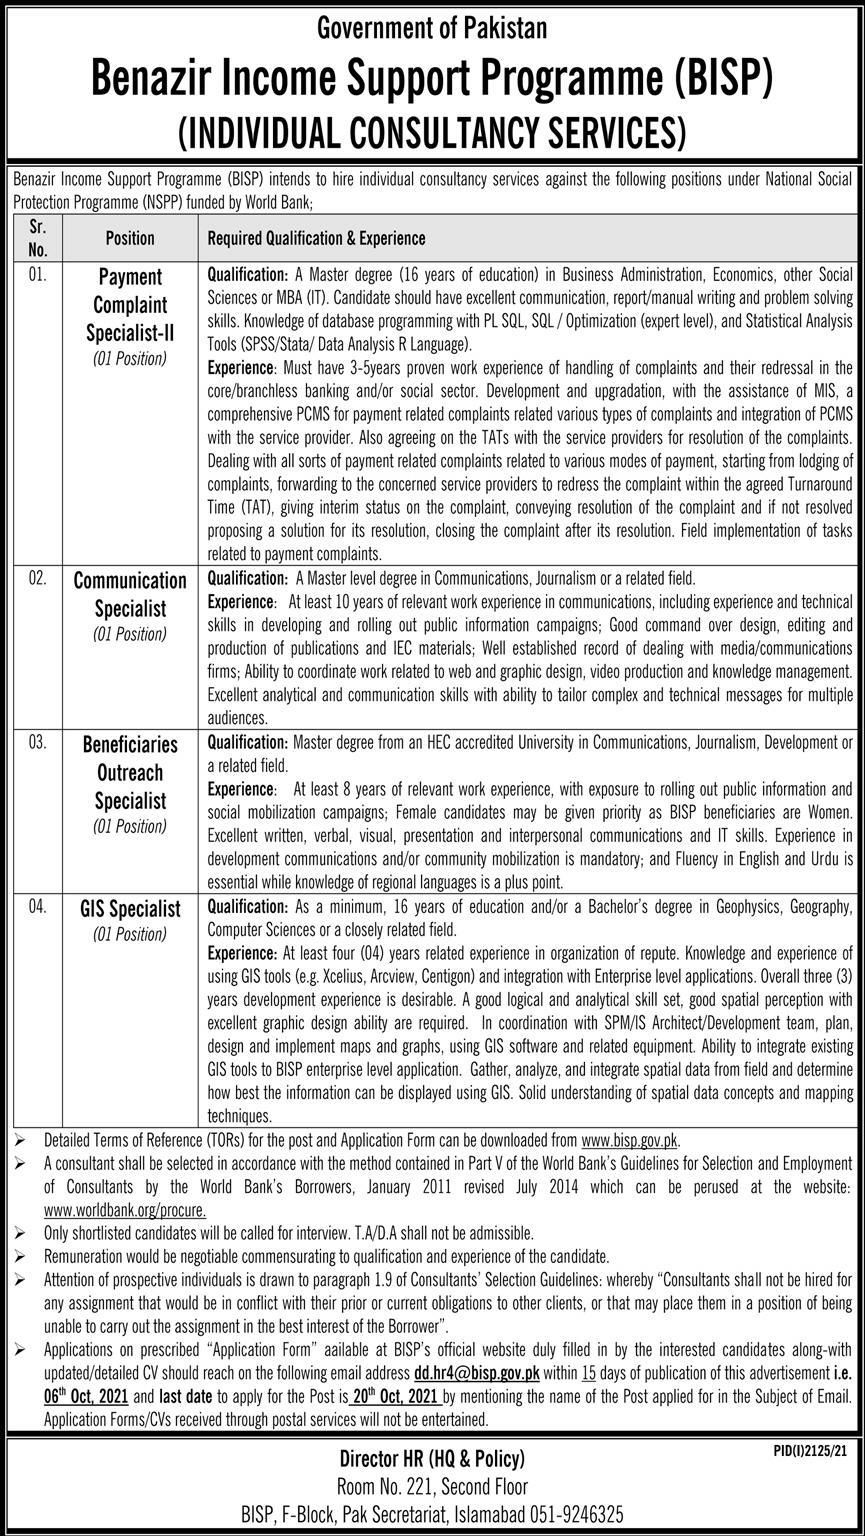 Benazir Income Support Programme (BISP) Vacancies 2021 – Latest Jobs 3